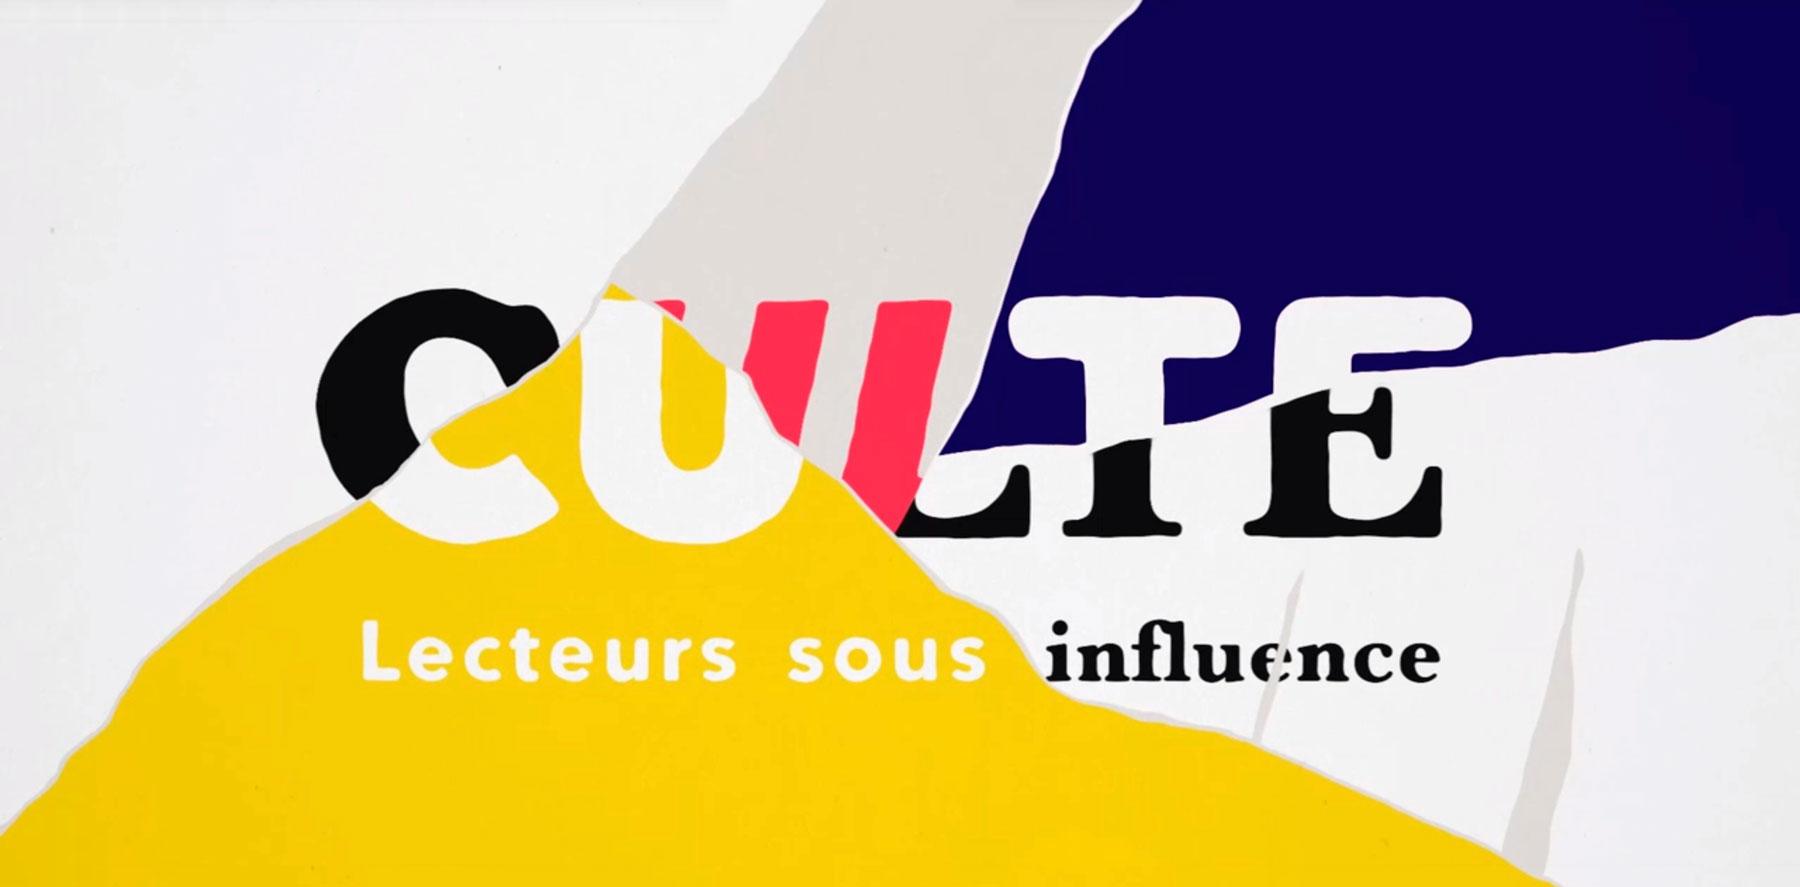 Culte, lecteurs sous influence